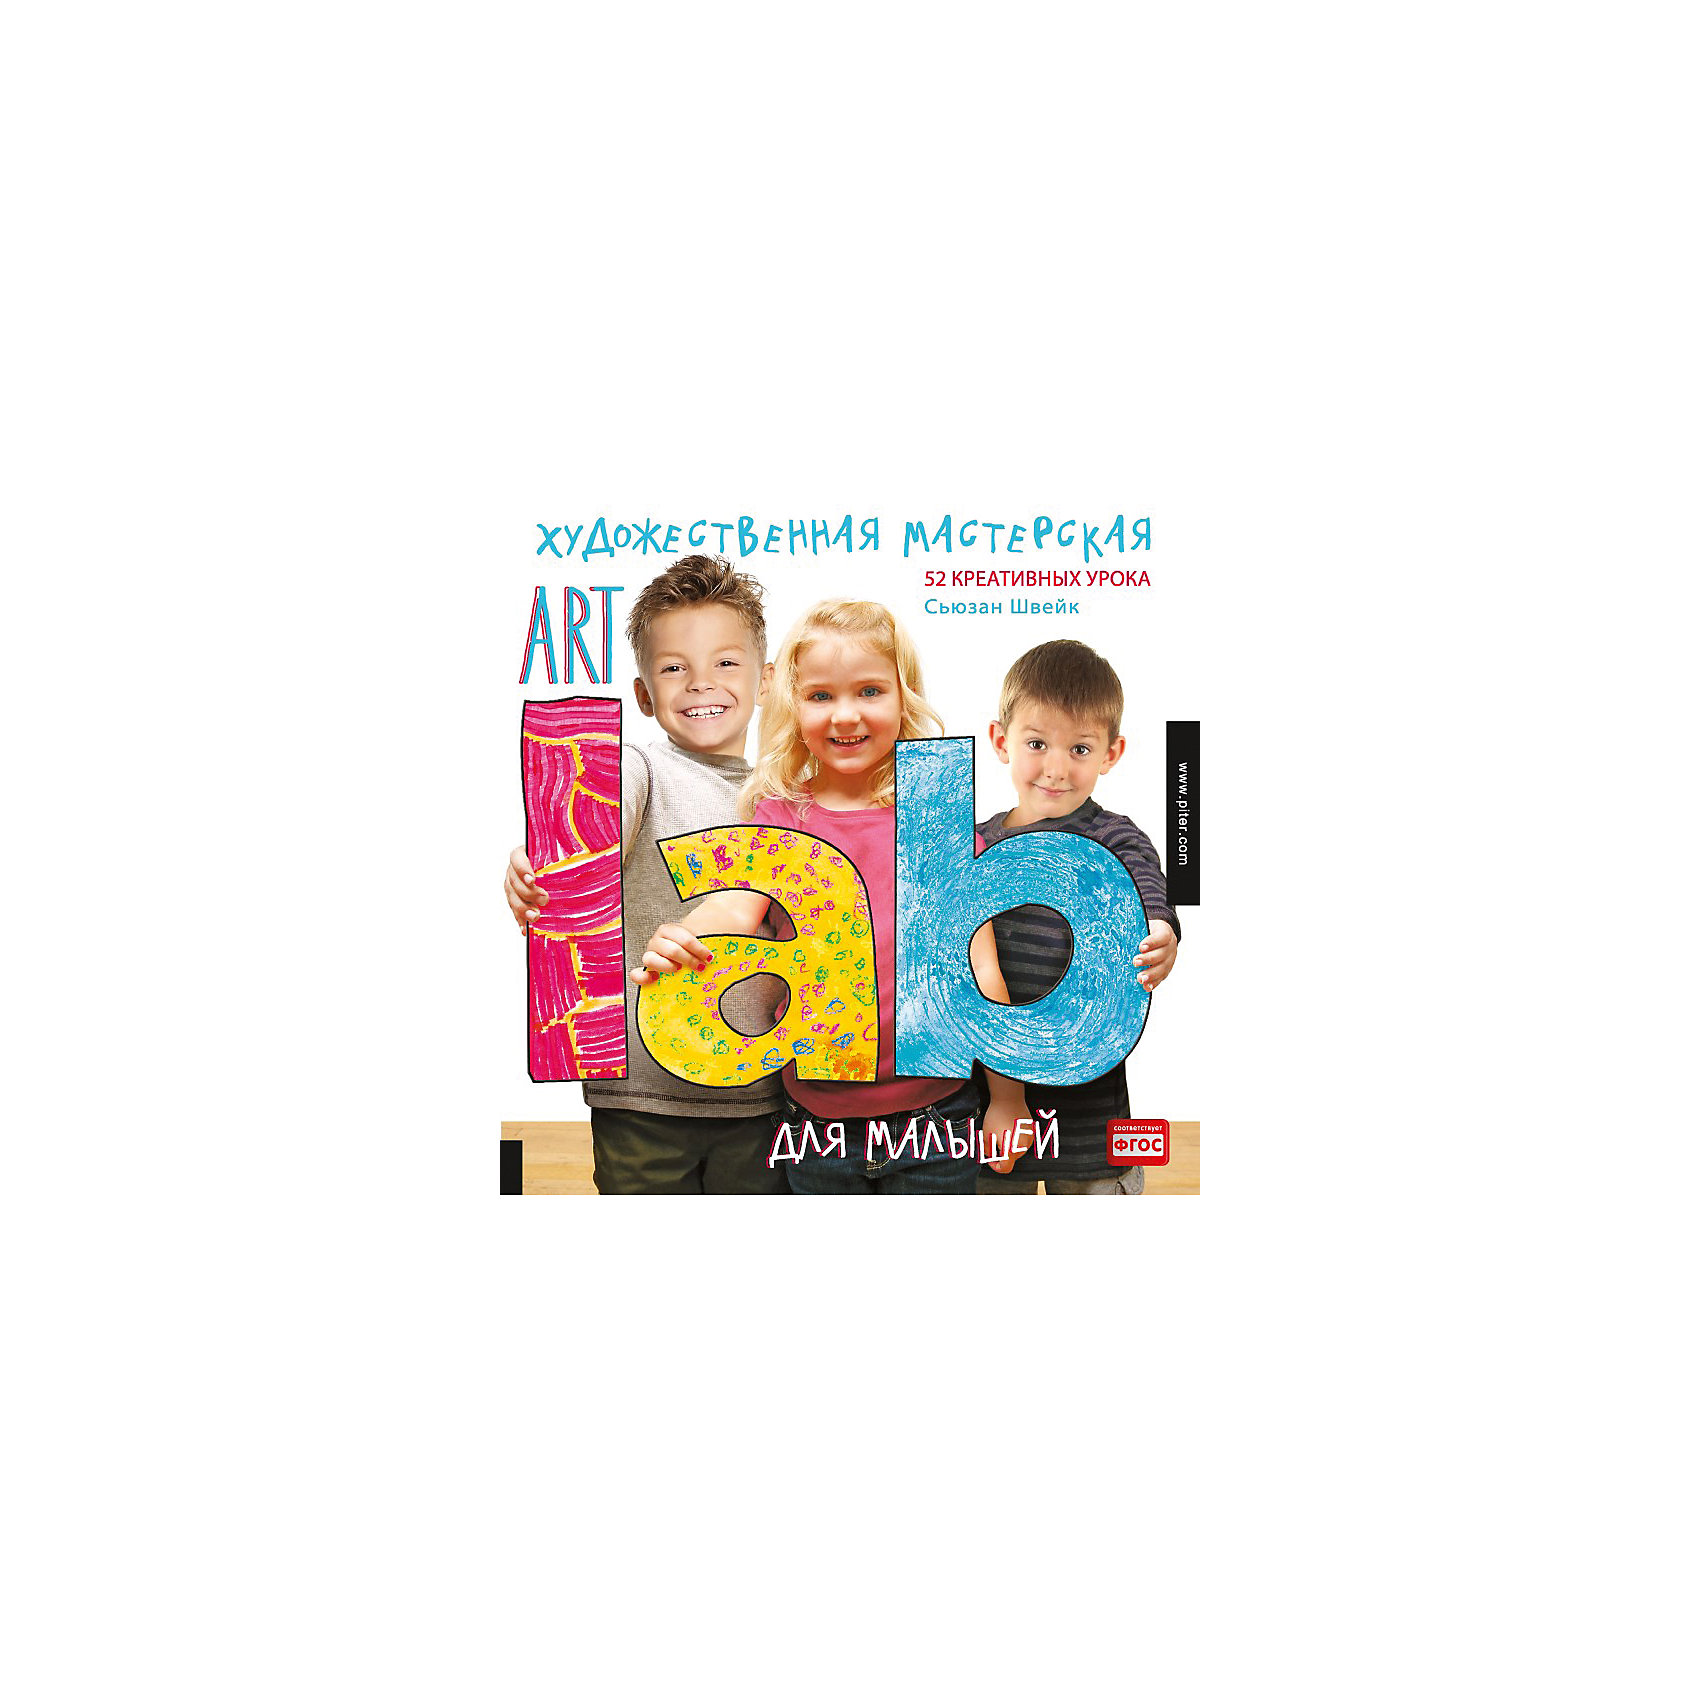 Художественная мастерская для малышей (Art Lab)Раскраски по номерам<br>Книга «Художественная мастерская для малышей (Art Lab)» - адаптированная книга для крох из одноименной серии для более взрослых детей, рассказывающая о формах и видах всевозможного искусства. В книге представлены 52 необычных урока от настоящего мастера своего дела. Ребенок познакомится с живописью, графикой, принтами, квиллингом, коллажами и многими другими техниками выражения себя. Завершение каждого урока приносит ребенку результат в виде чего-то, созданного своими руками. Книга содержит яркие, красочные иллюстрации, от которых невозможно оторваться. Сборник развивает мышление, творческие способности и воображение.<br><br>Дополнительная информация:<br><br>страниц: 144;<br>возраст: 3+;<br>формат:  220 х 290 мм.<br><br>Сборник«Художественная мастерская для малышей (Art Lab)» можно приобрести в нашем магазине.<br><br>Ширина мм: 290<br>Глубина мм: 215<br>Высота мм: 9<br>Вес г: 439<br>Возраст от месяцев: -2147483648<br>Возраст до месяцев: 2147483647<br>Пол: Унисекс<br>Возраст: Детский<br>SKU: 4966332